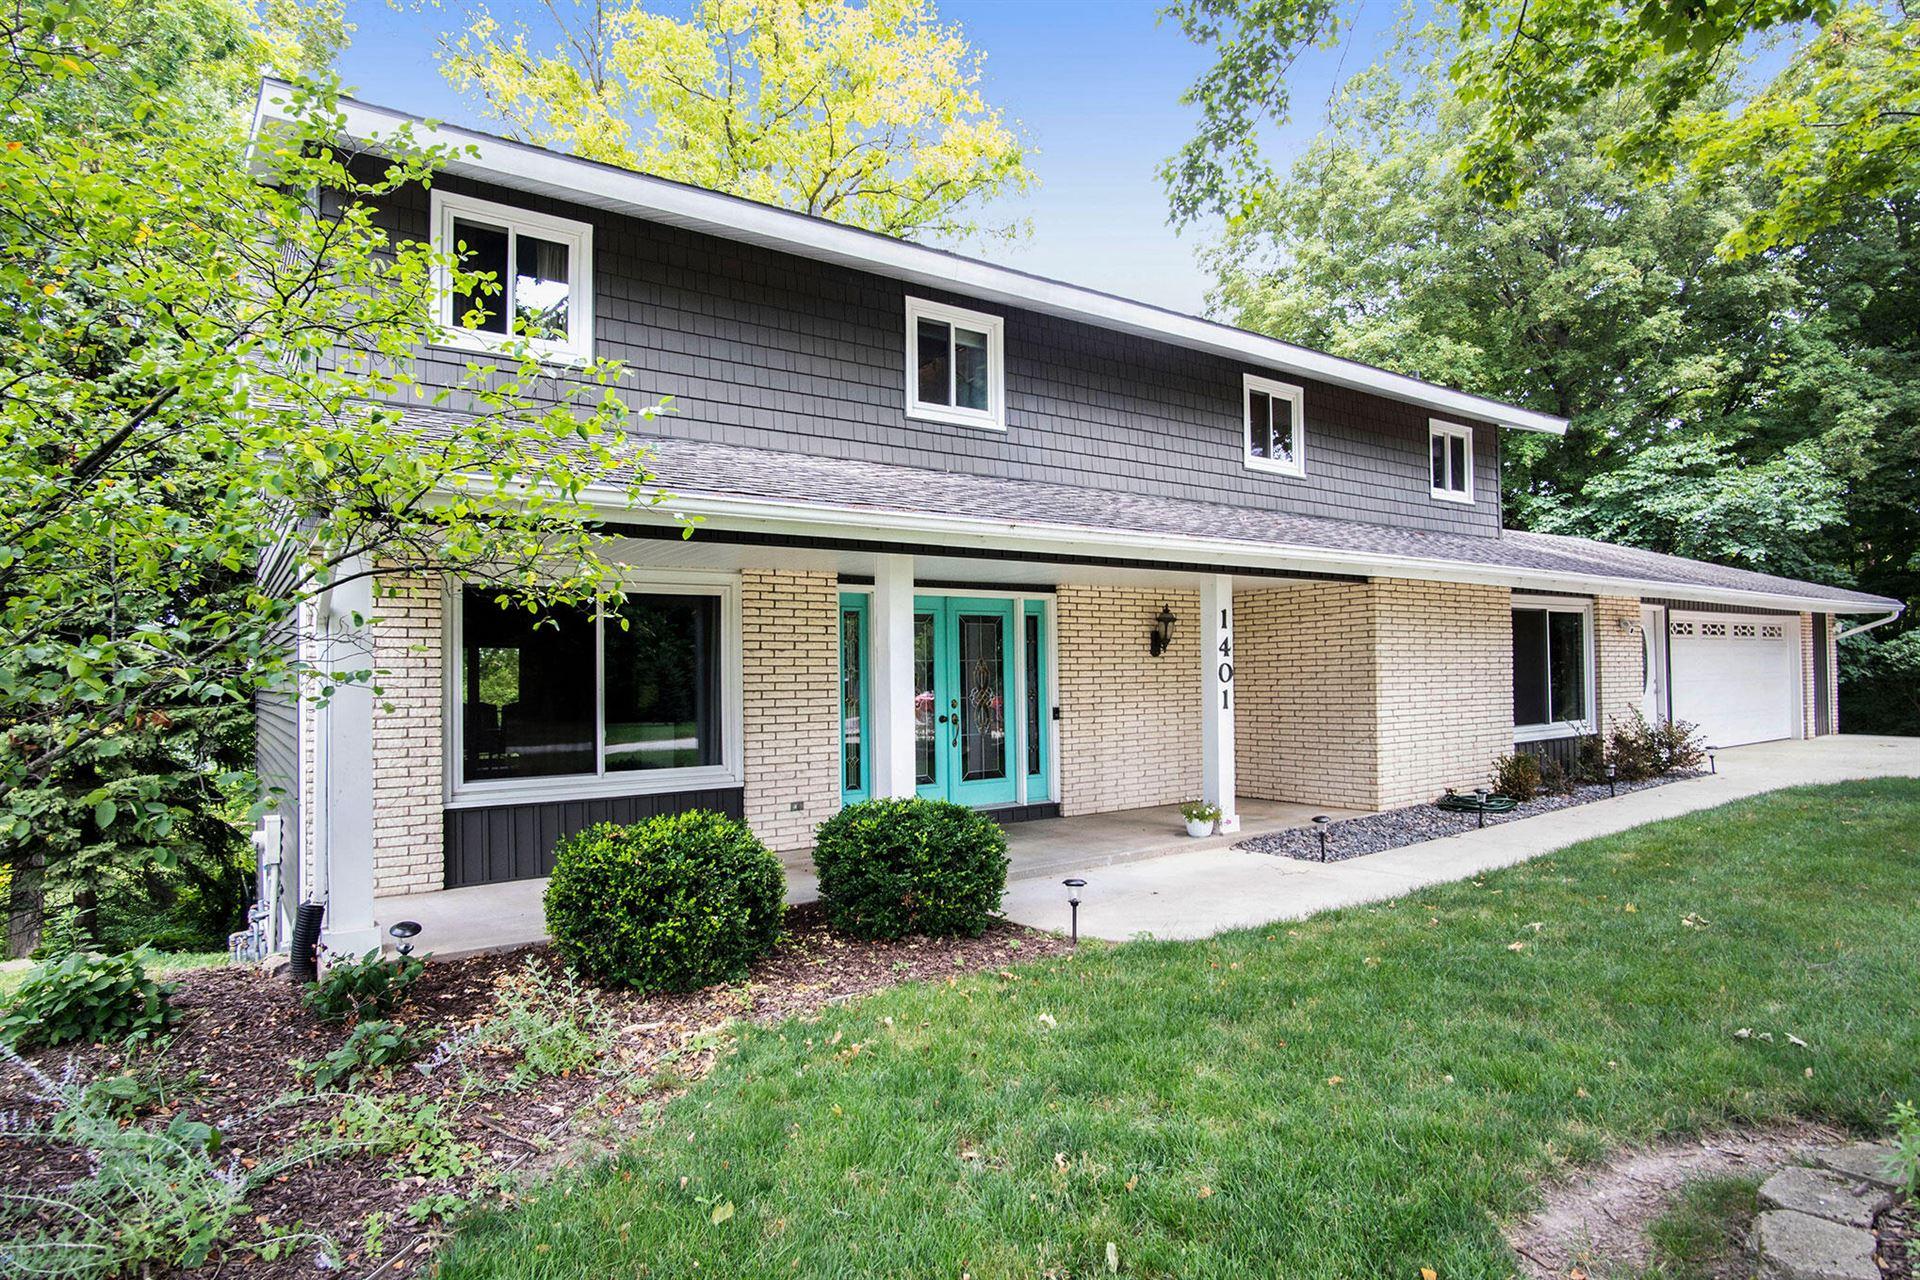 1401 Ridgewood Drive, Jenison, MI 49428 - MLS#: 21097354